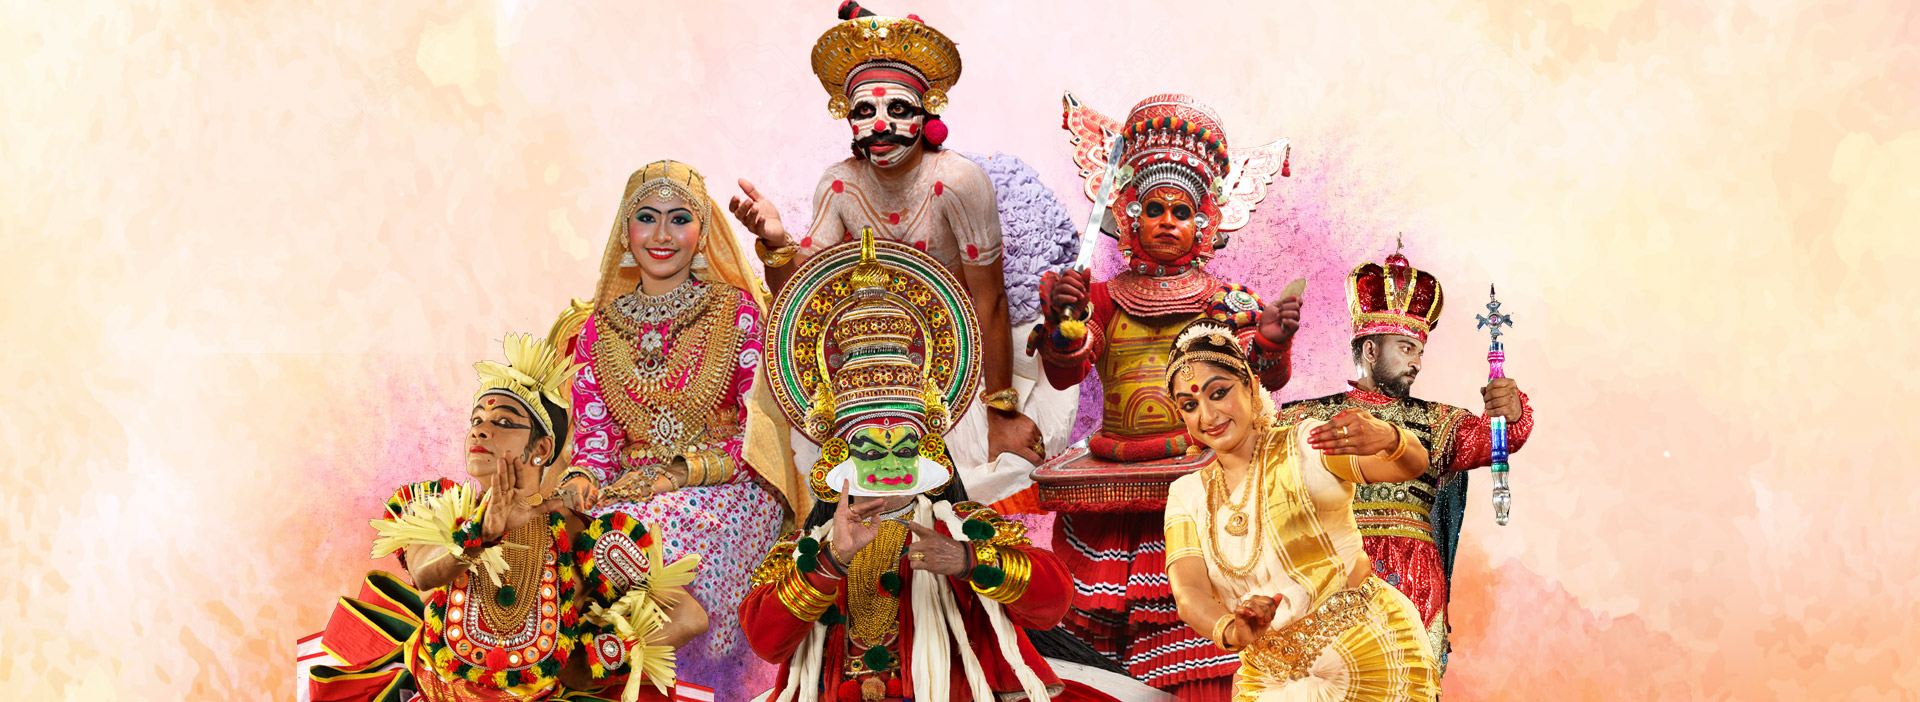 പ്രതിമാസം 5000 രൂപ; യുവകലാകാരന്മാര്ക്കുള്ള സ്കോളര്ഷിപ്പിന് അപേക്ഷ ക്ഷണിച്ചു